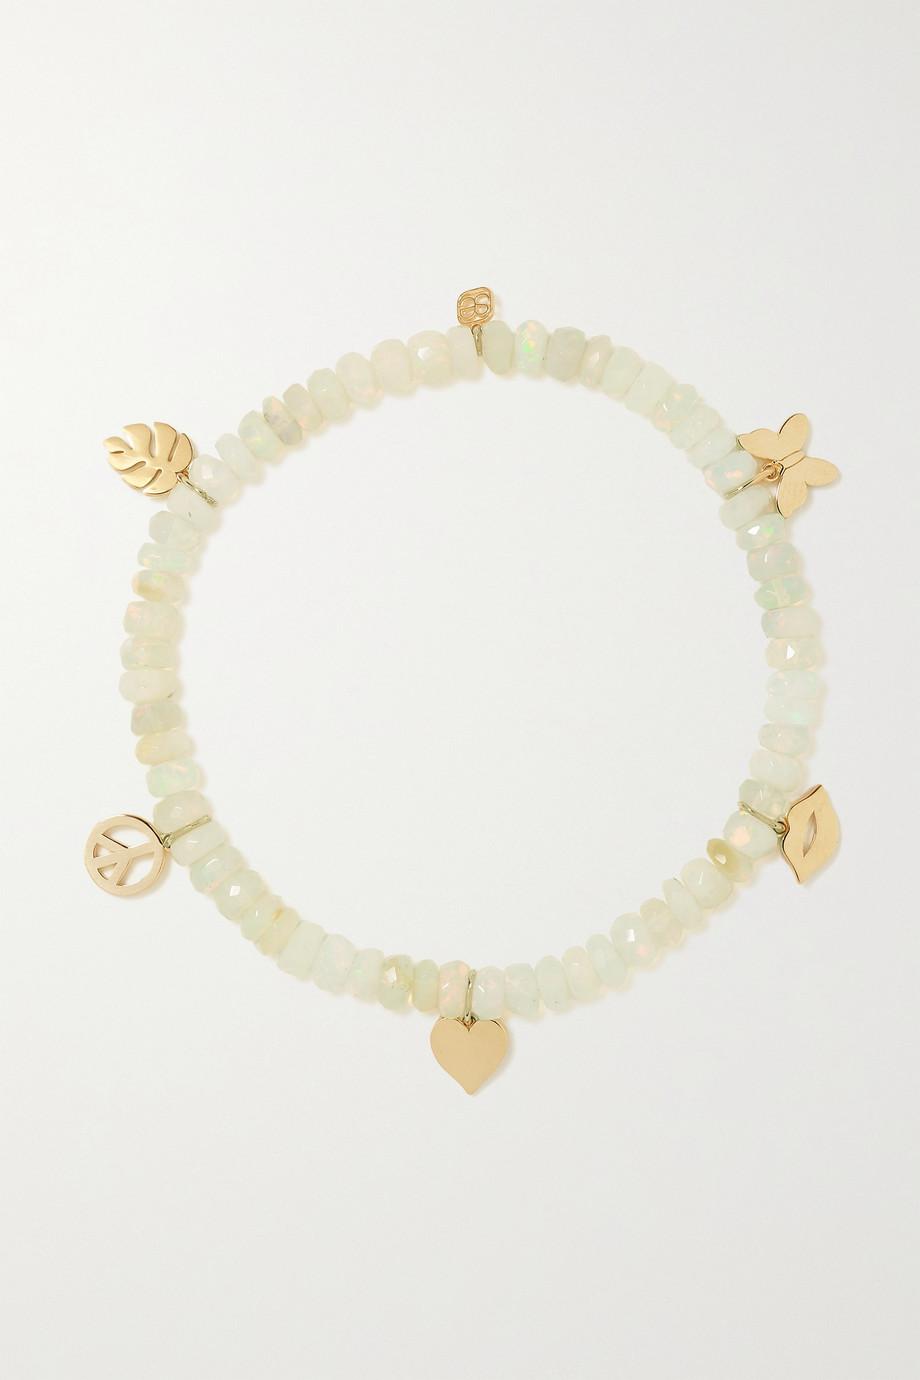 Sydney Evan Pure Charm 14-karat gold opal bracelet